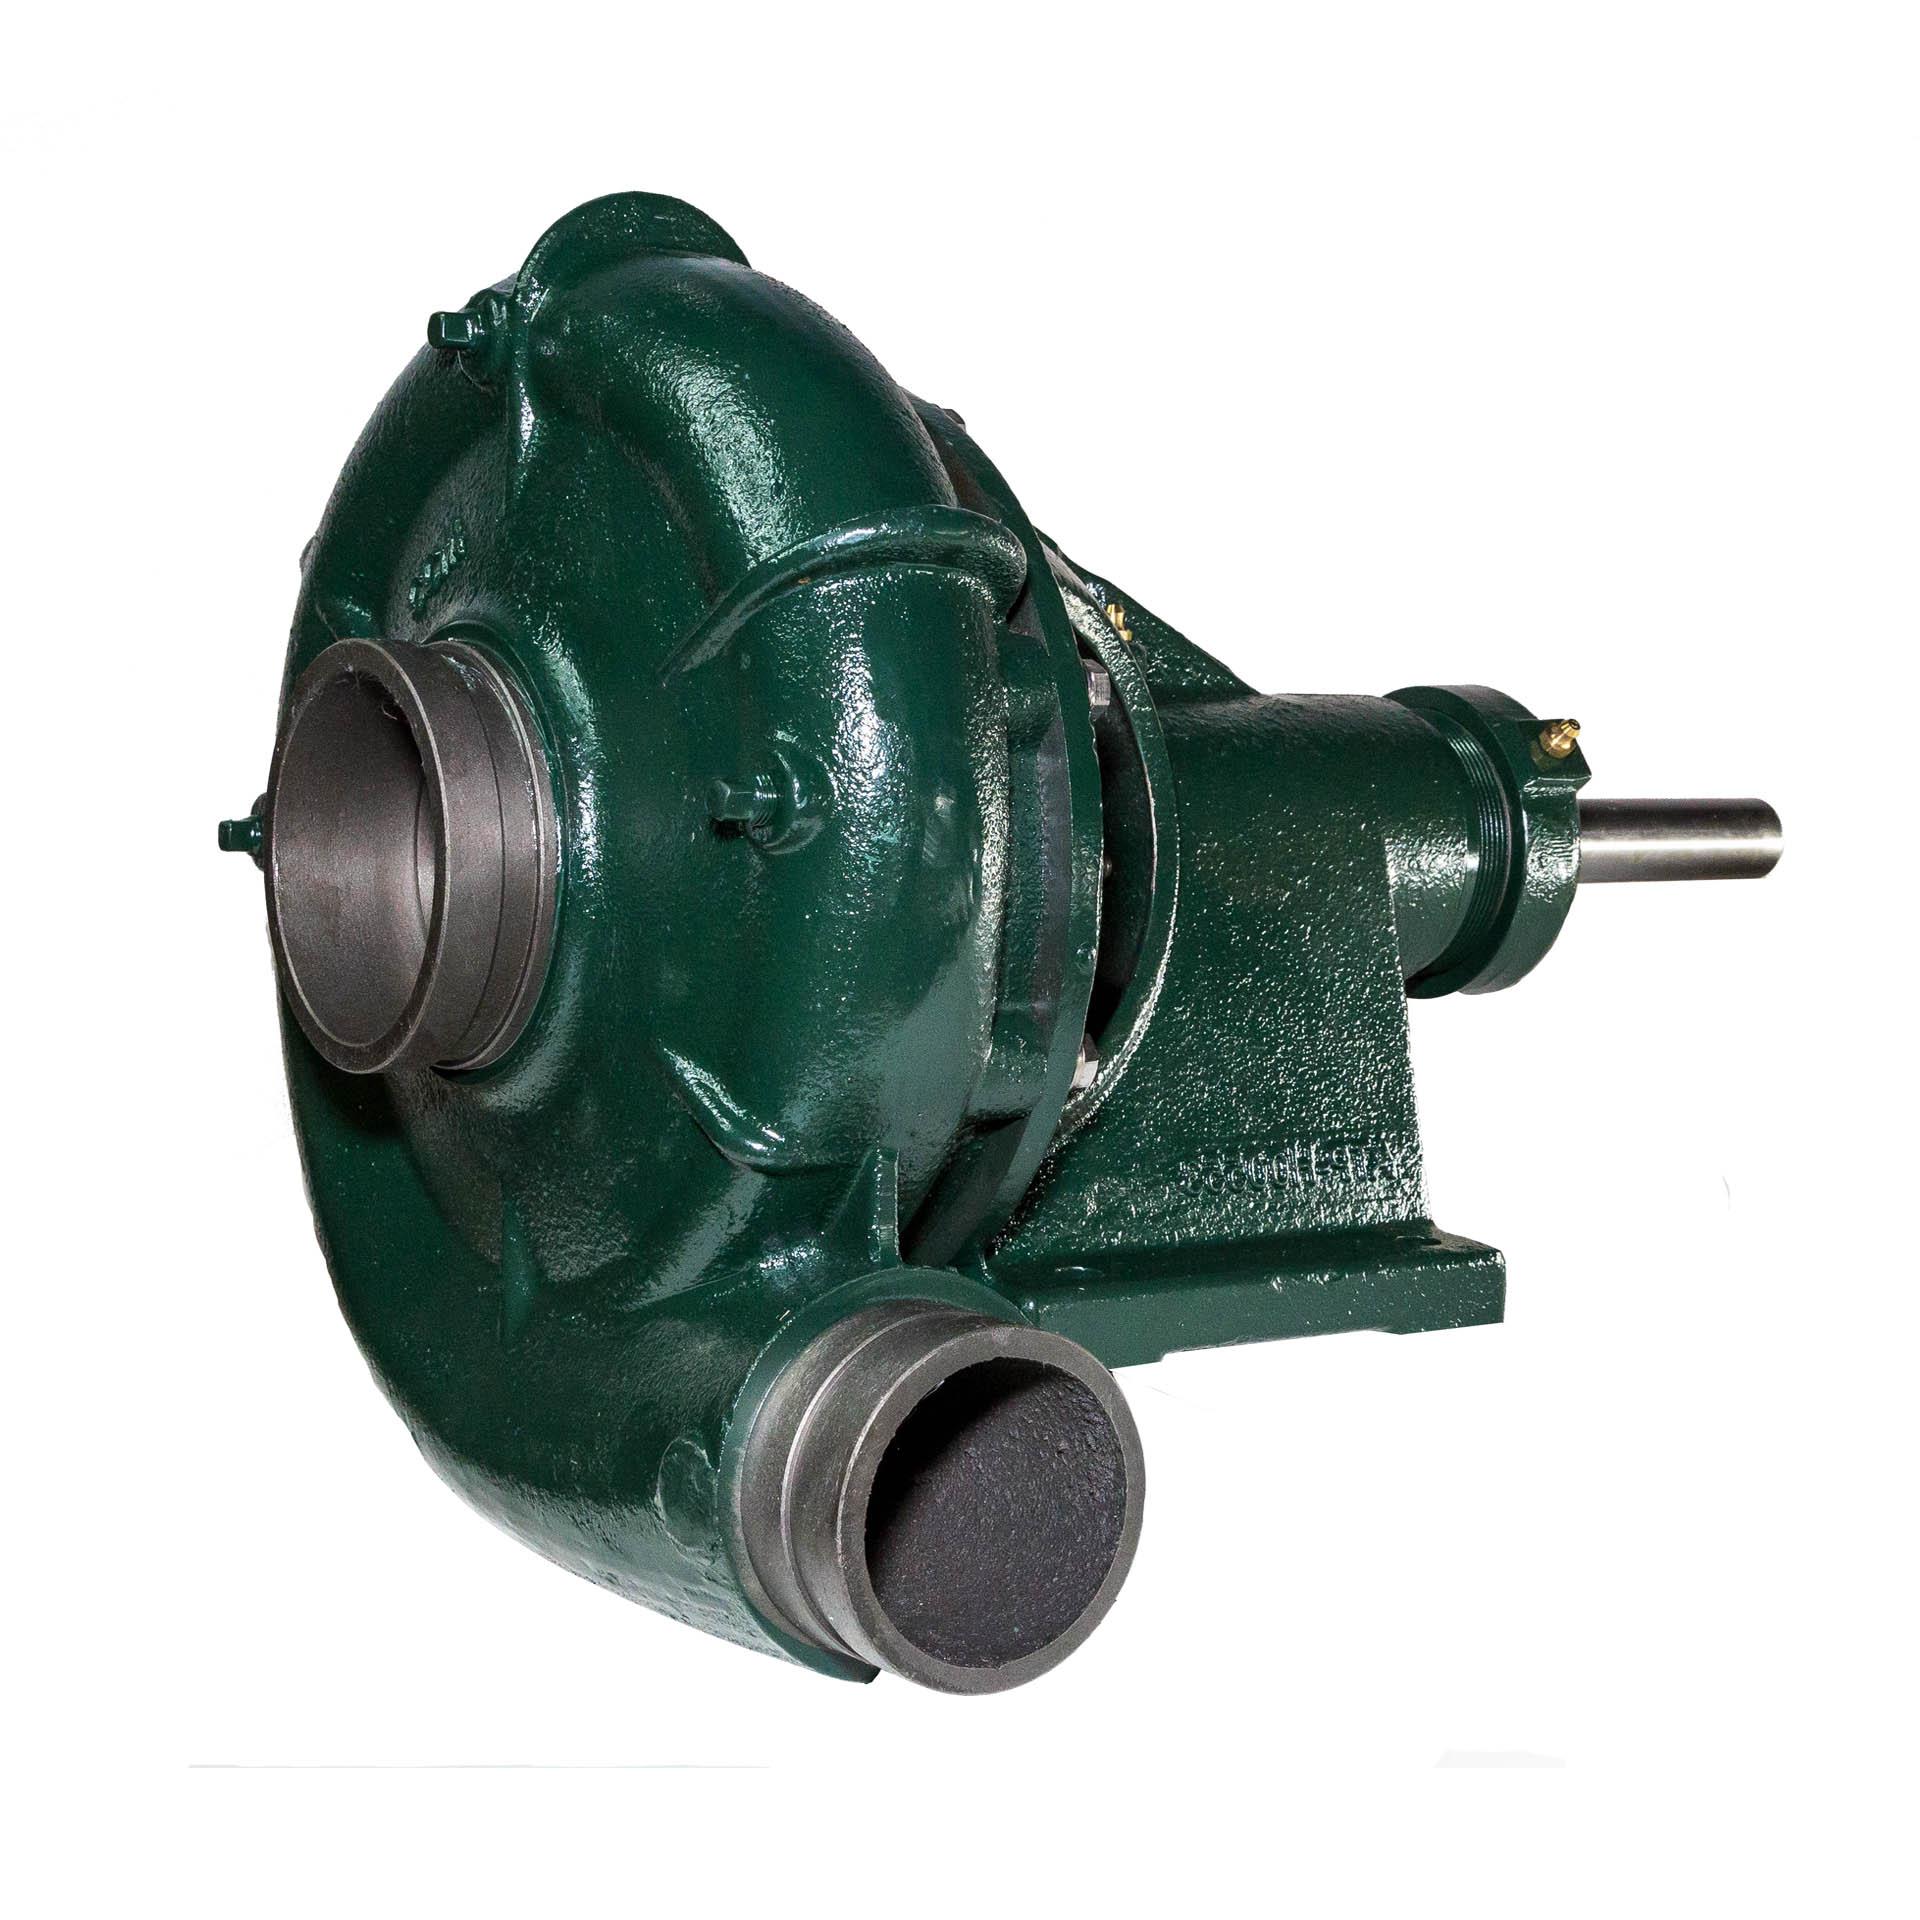 B3Z-S Mech Seal Pump (CCW Thread)